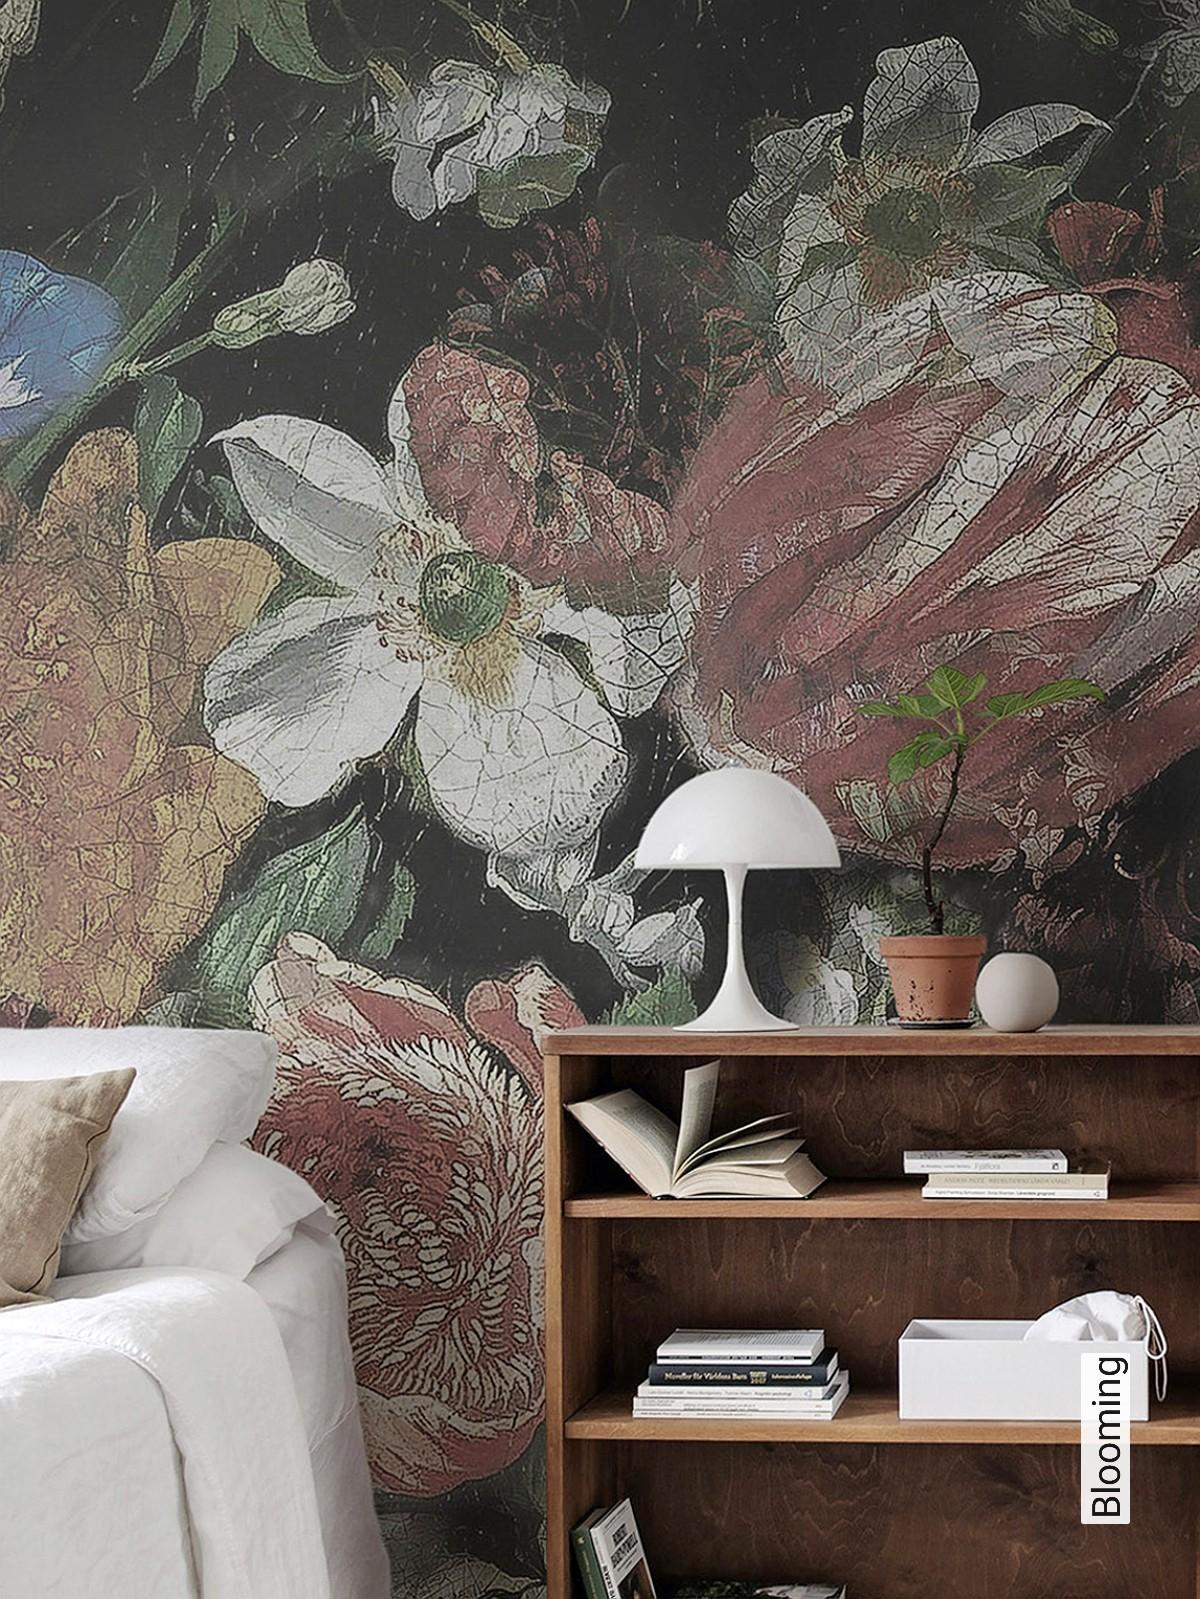 Full Size of Schlafzimmer Tapete Tapeten Blumen Caseconradcom Für Die Küche Wandtattoos Komplett Günstig Regal Mit Lattenrost Und Matratze Schränke Fototapete Kommode Wohnzimmer Schlafzimmer Tapete